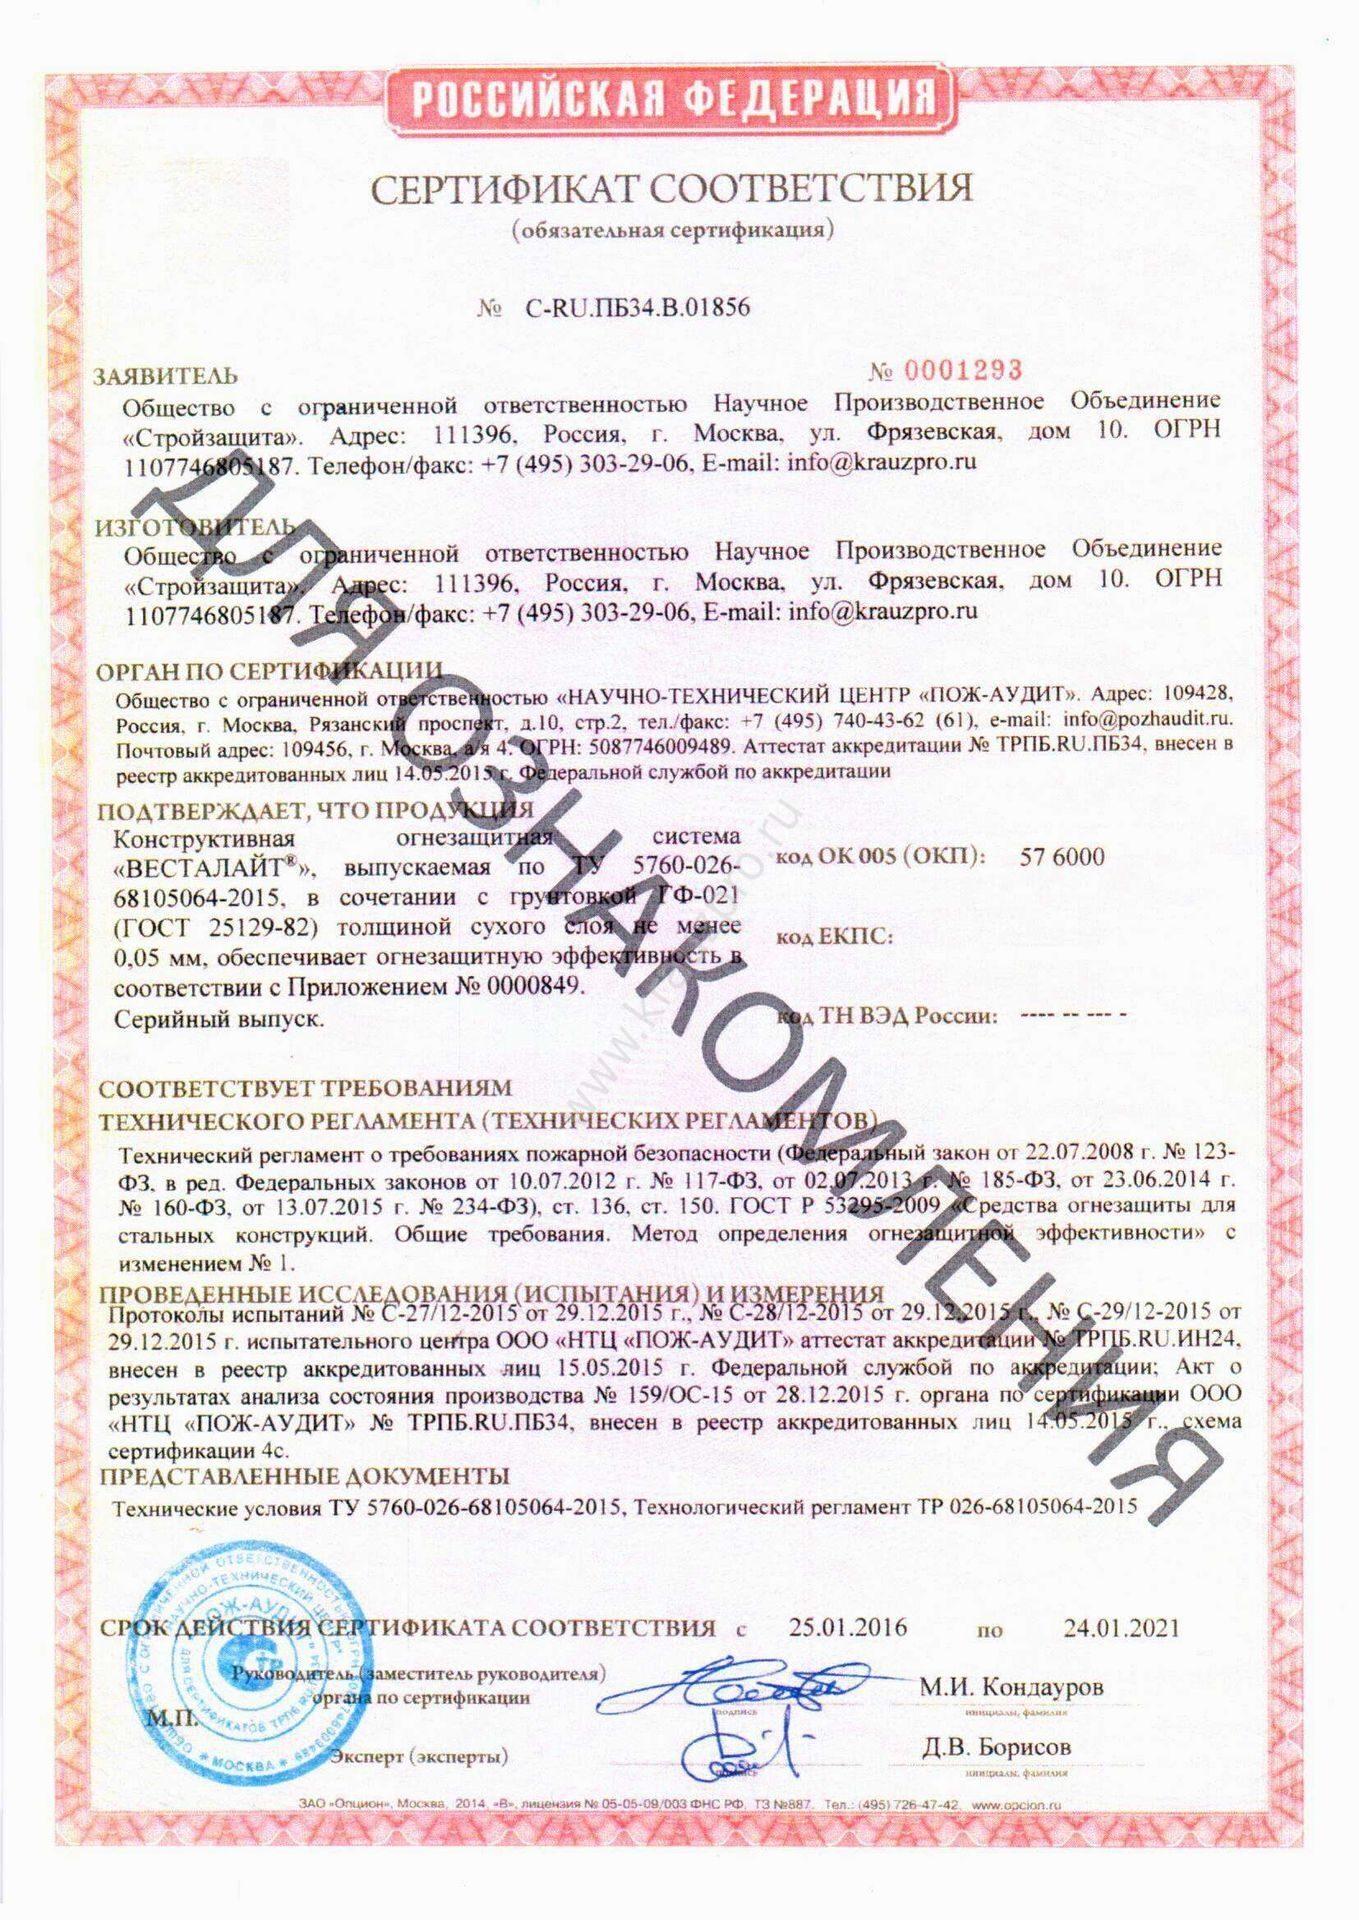 Сертификат соответствия ГОСТ для огнезащитного покрытия Весталайт